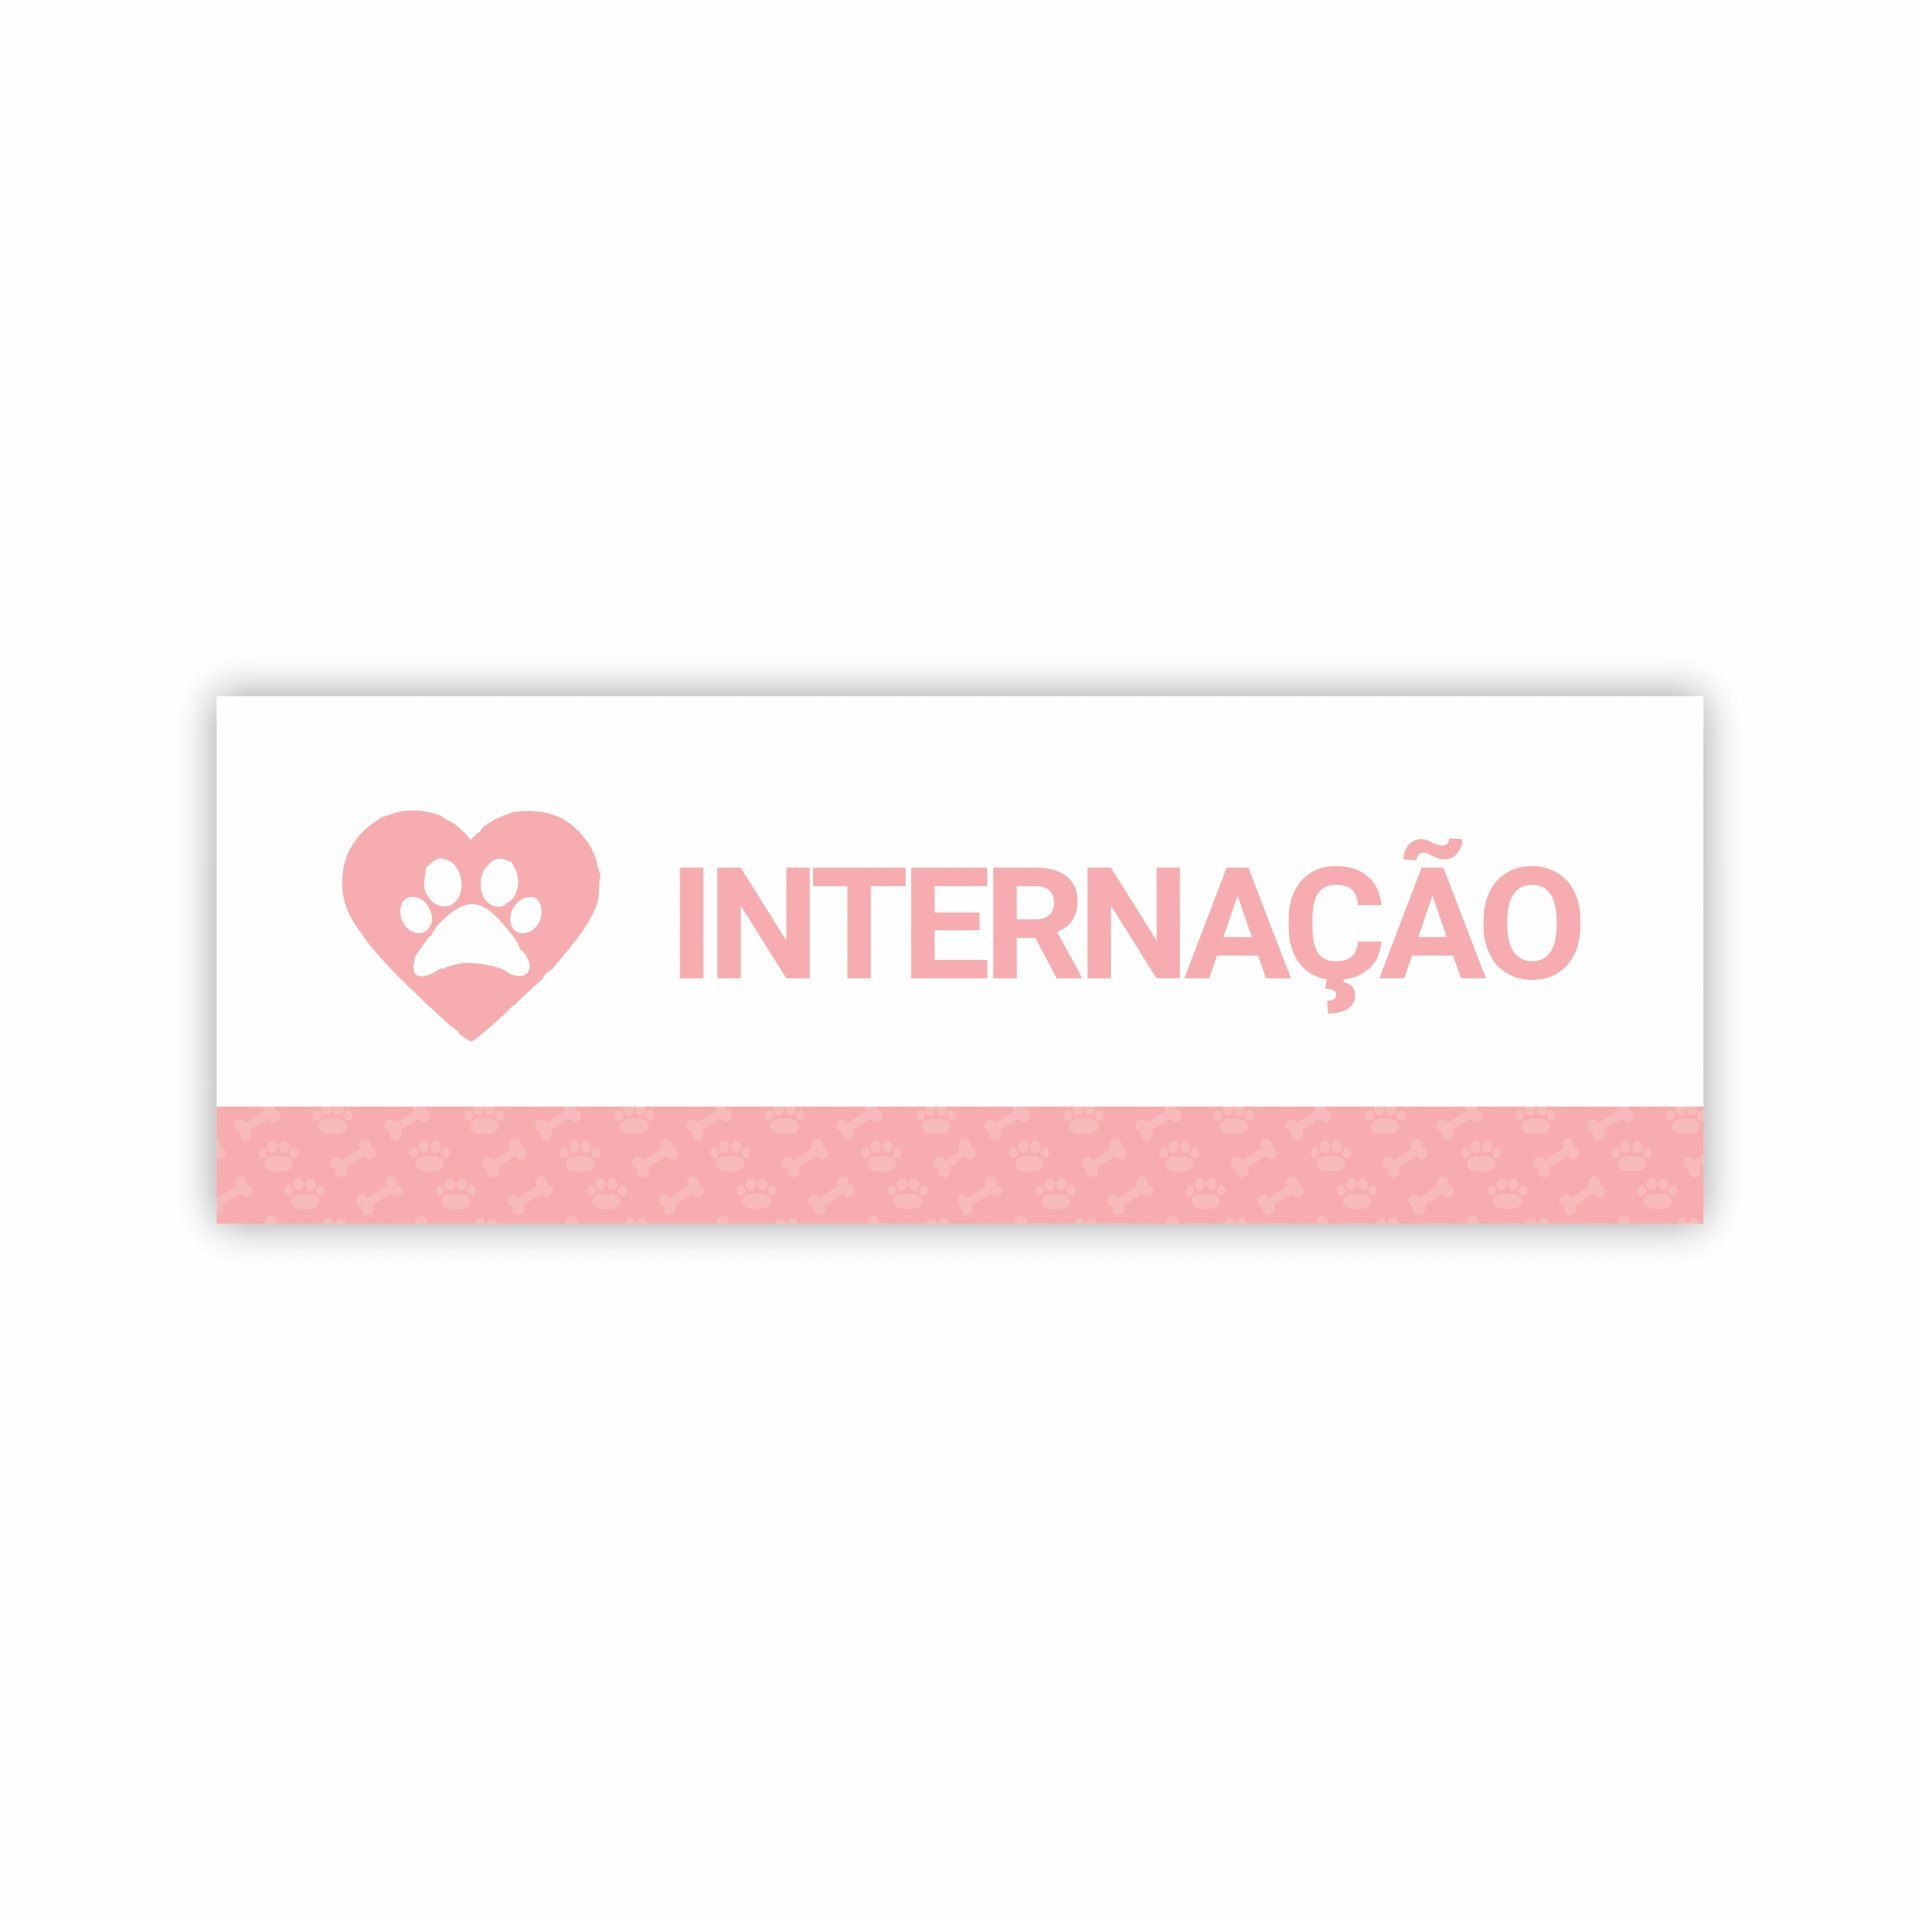 placa-para-clinicas-veterinarias-pet-shop-ou-banho-e-tosa-internacao